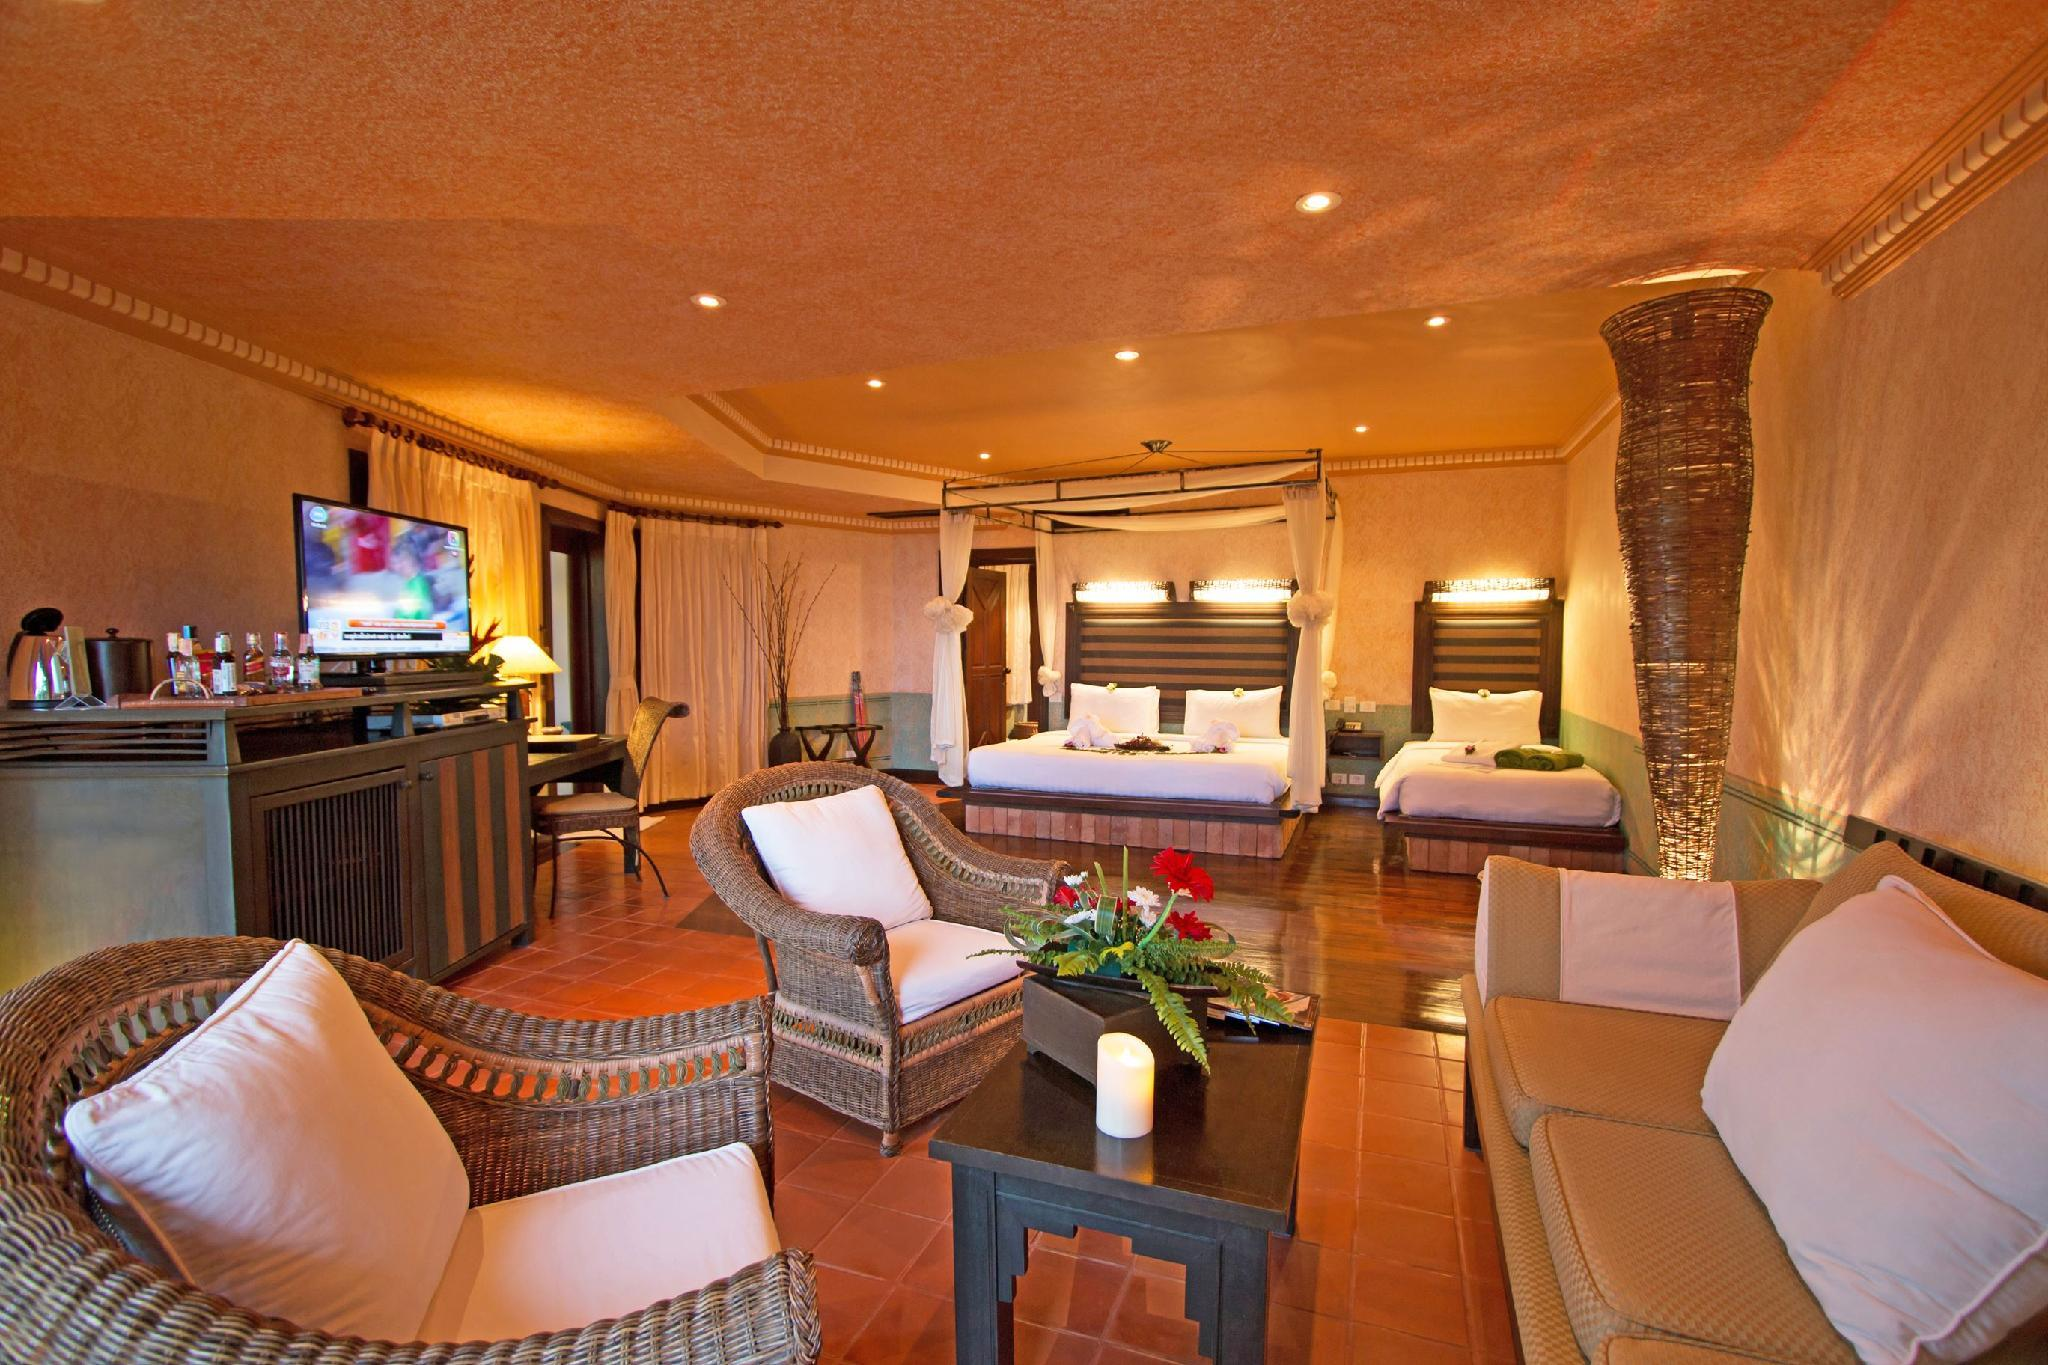 Mangosteen Ayurveda & Wellness Resort, Pulau Phuket